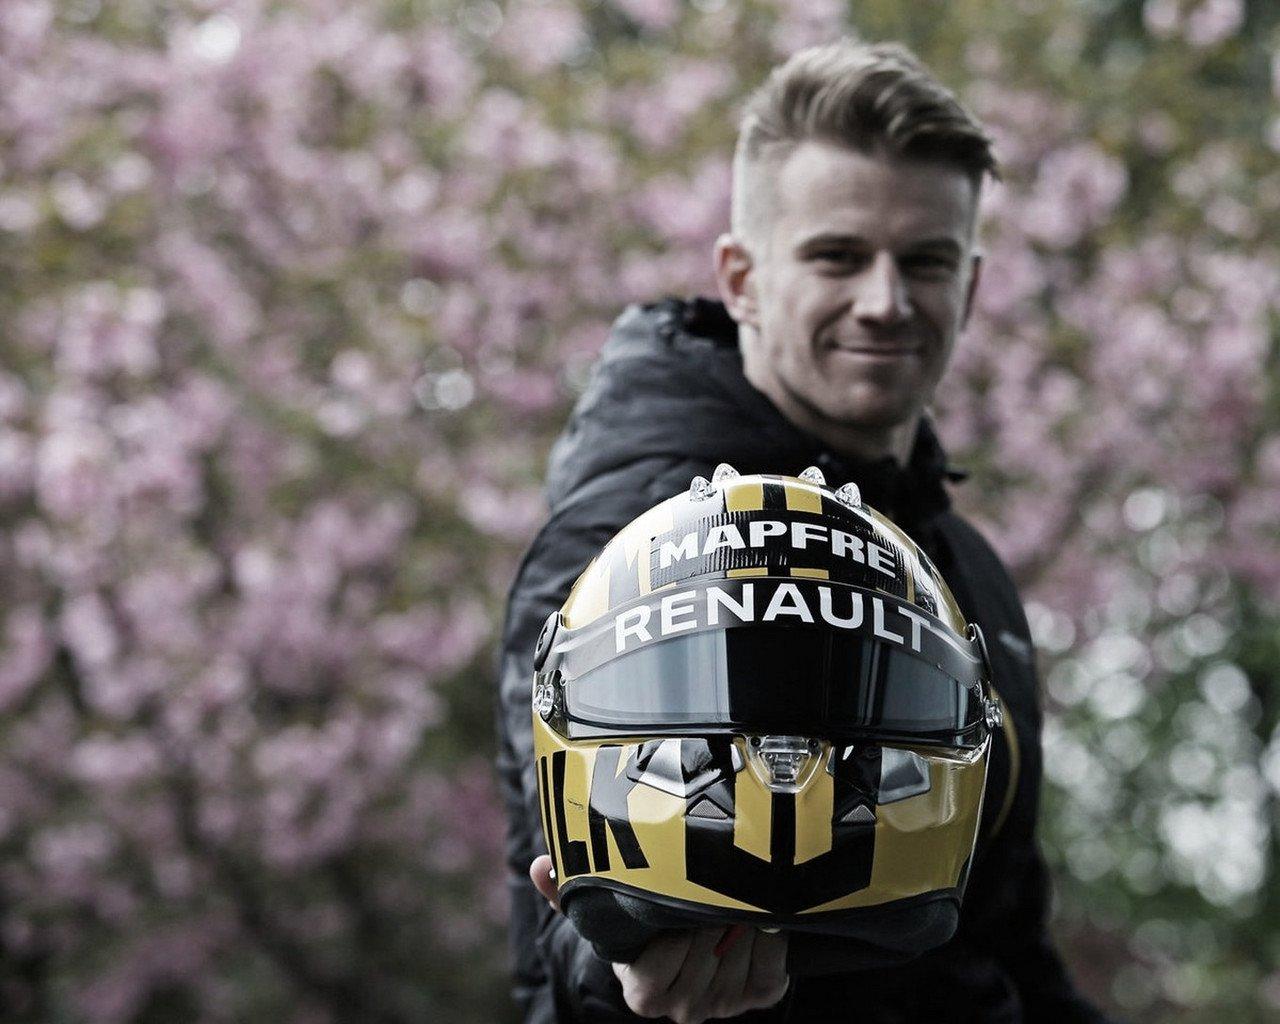 Pilotos usarão pinturas retrô em seus capacetes para o GP de número 1000, na China